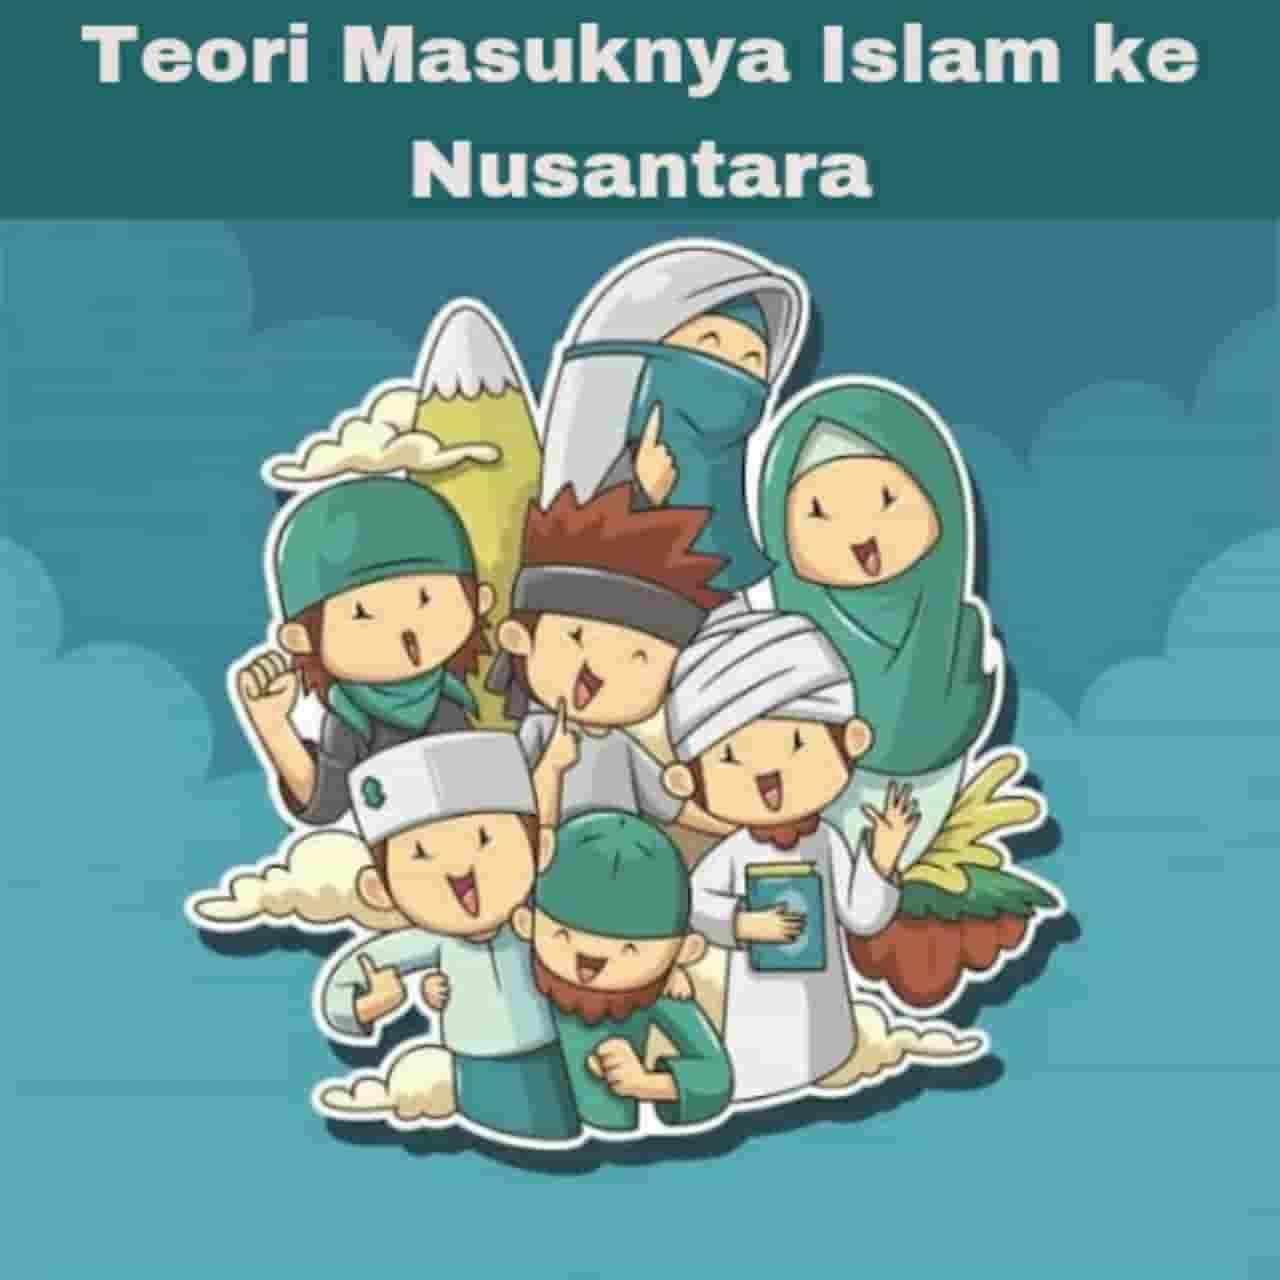 Teori masuknya Islam ke Nusantara